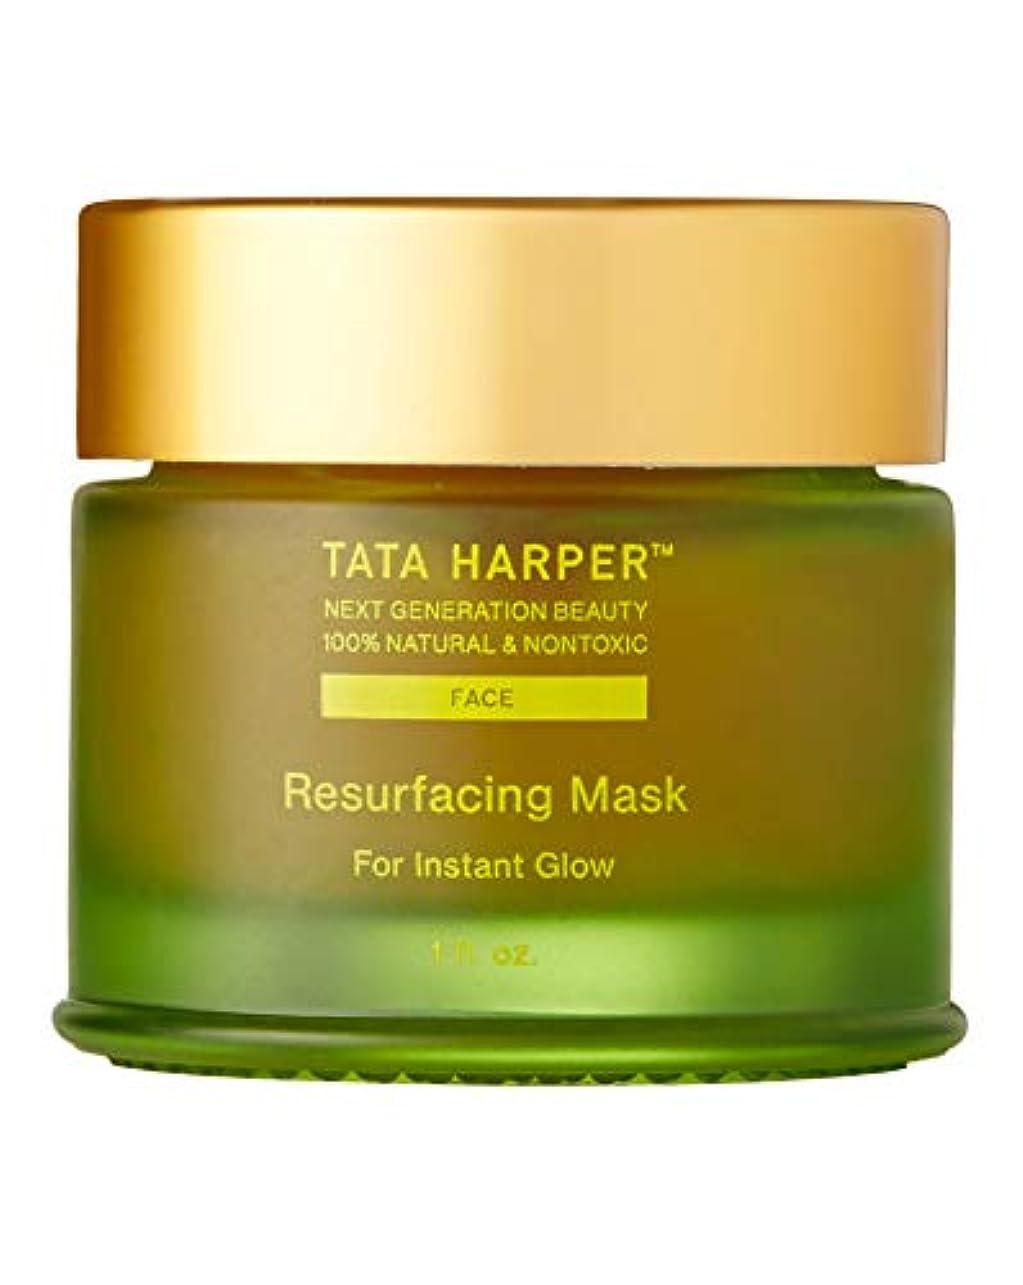 観察する本質的ではない許されるTata Harper Resurfacing Mask 30ml タタハーパー リサーフェシング マスク